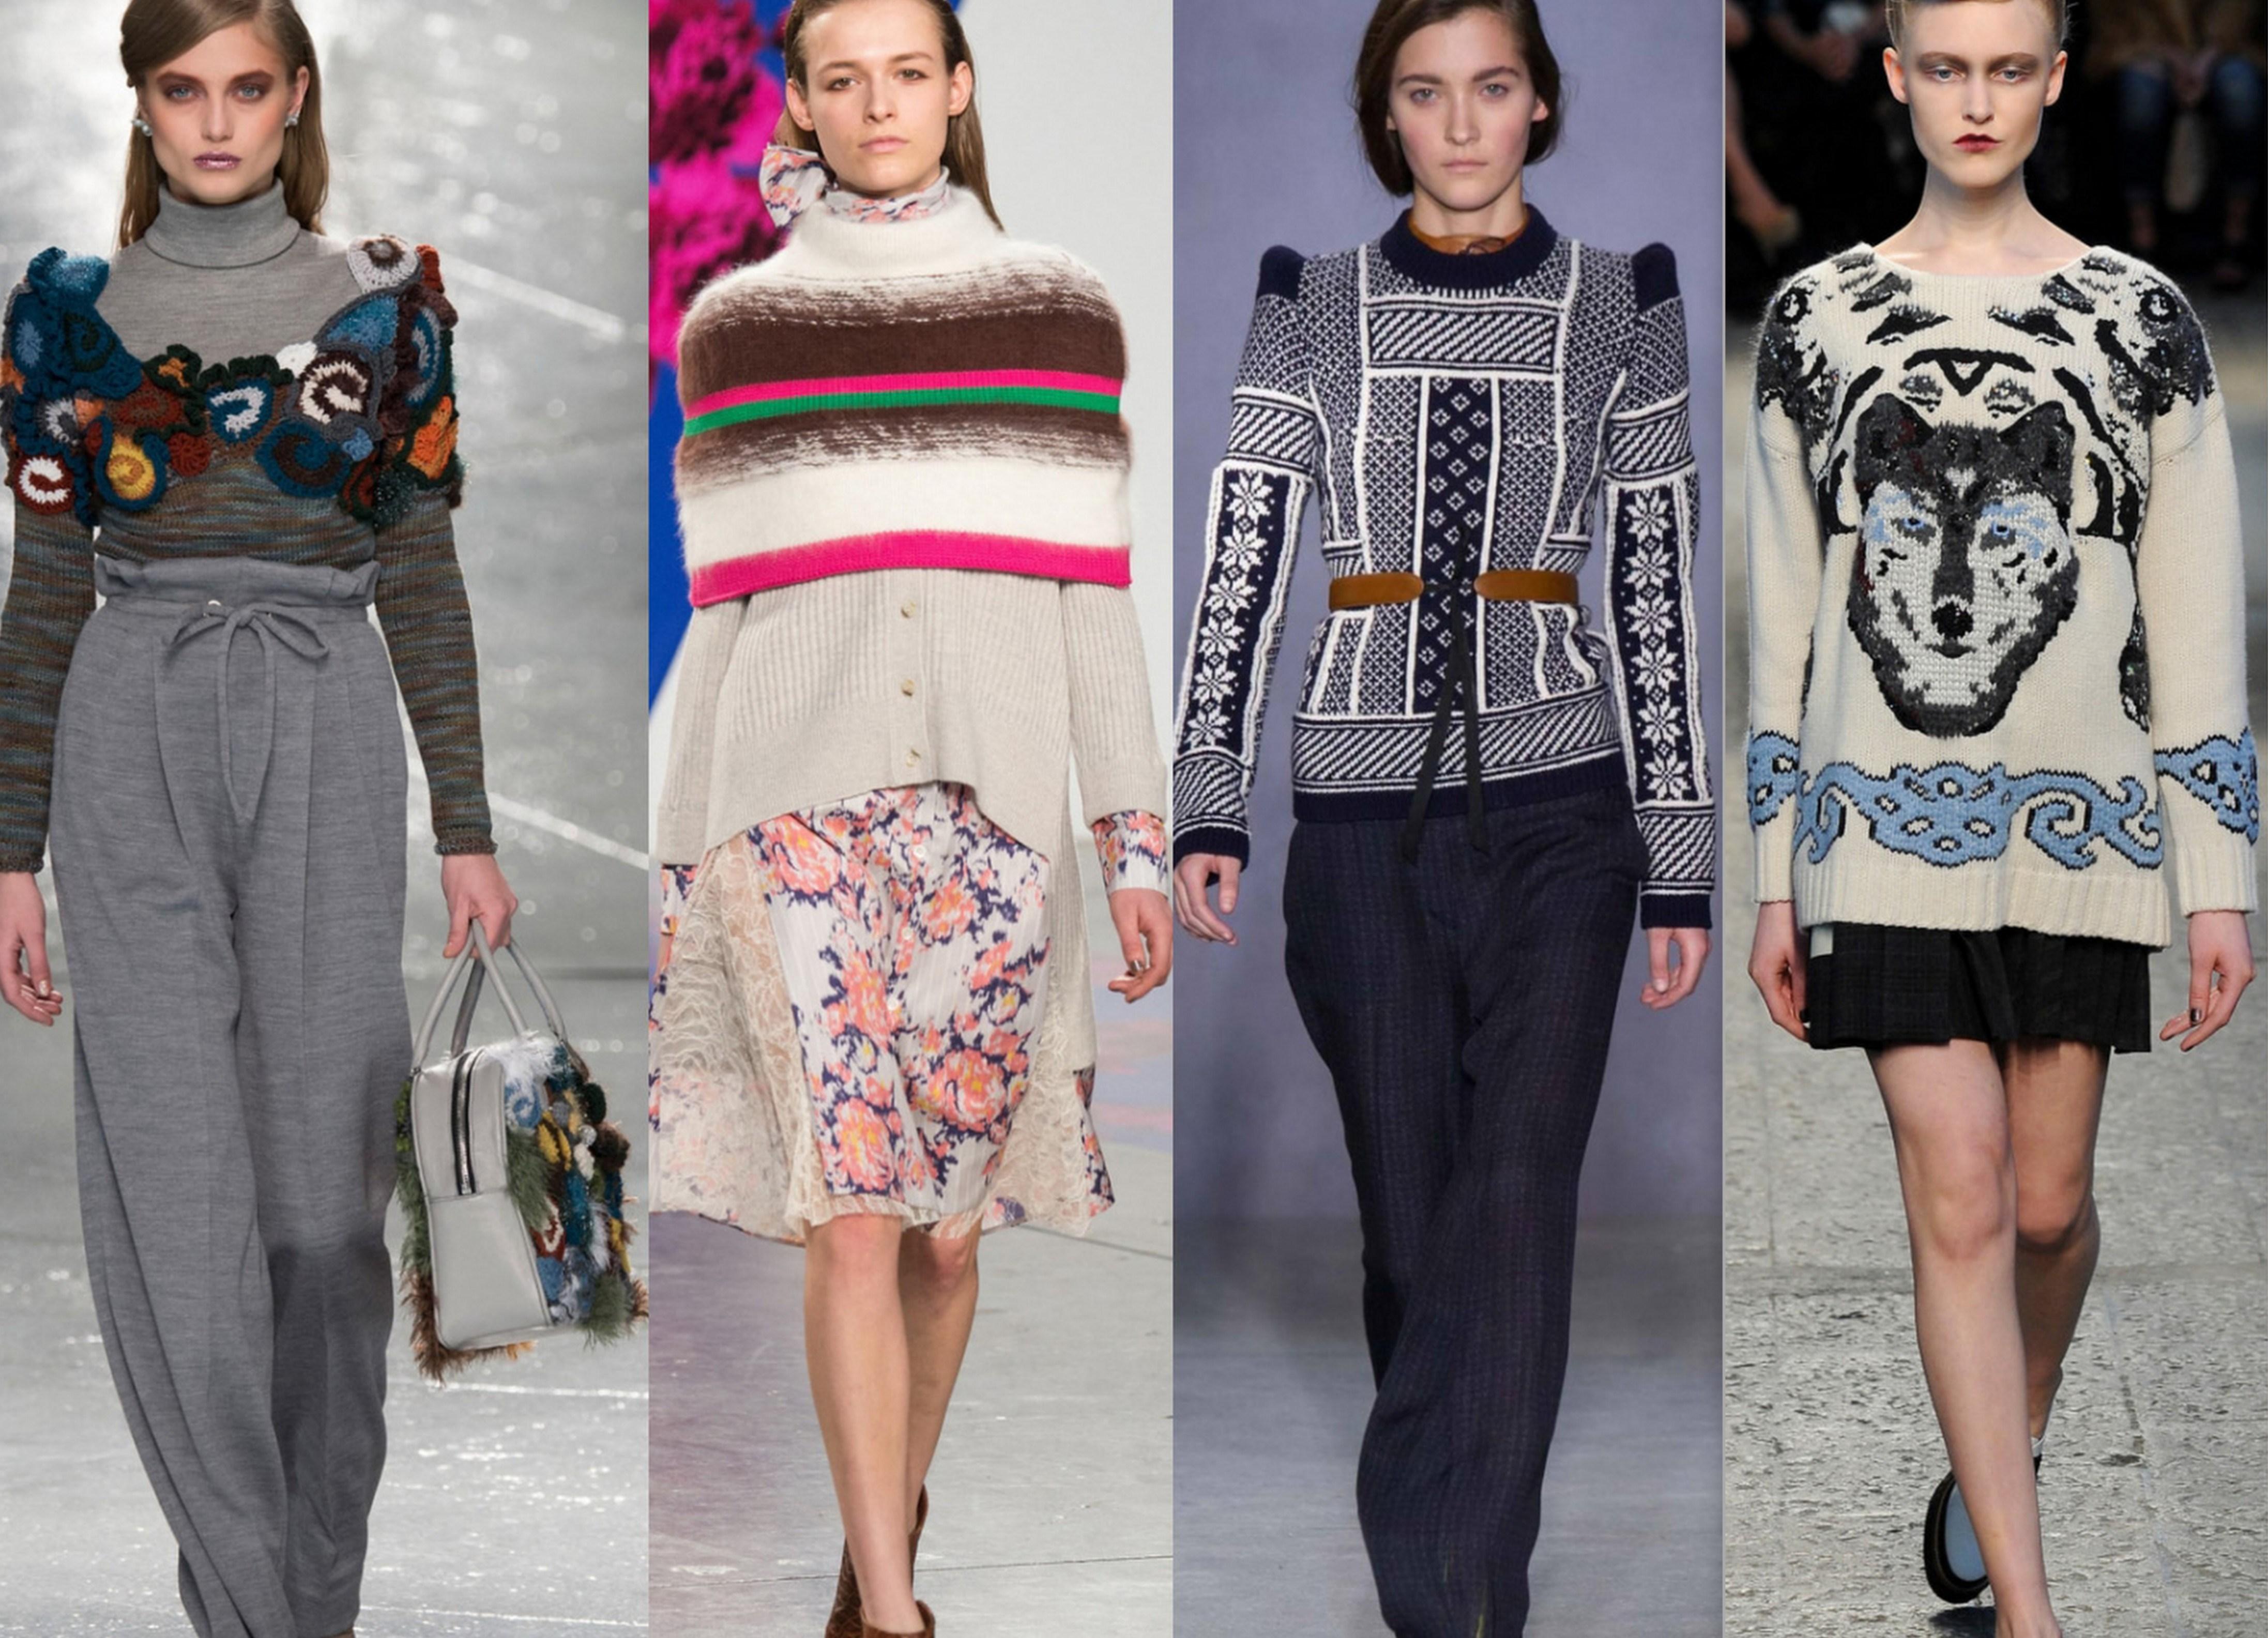 Основные модные тенденции сезона осеньзима 2015-2016 новые фото